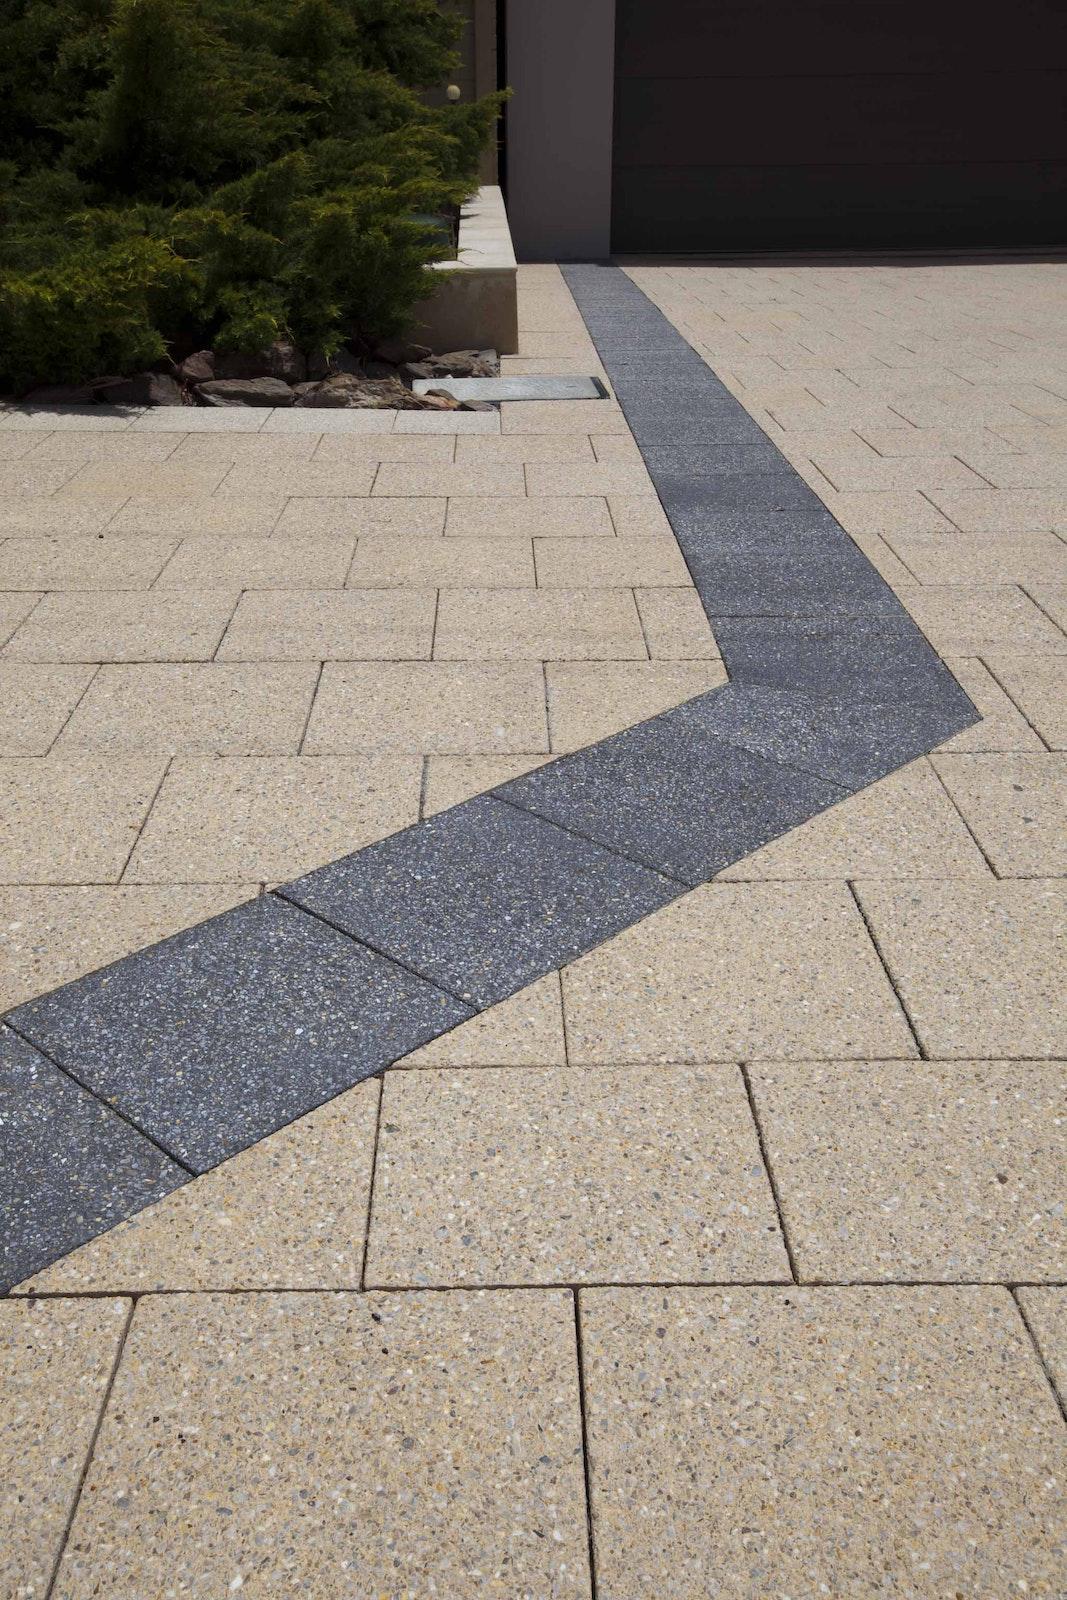 Driveway Paving Ideas Perth | Freo Stone Paving